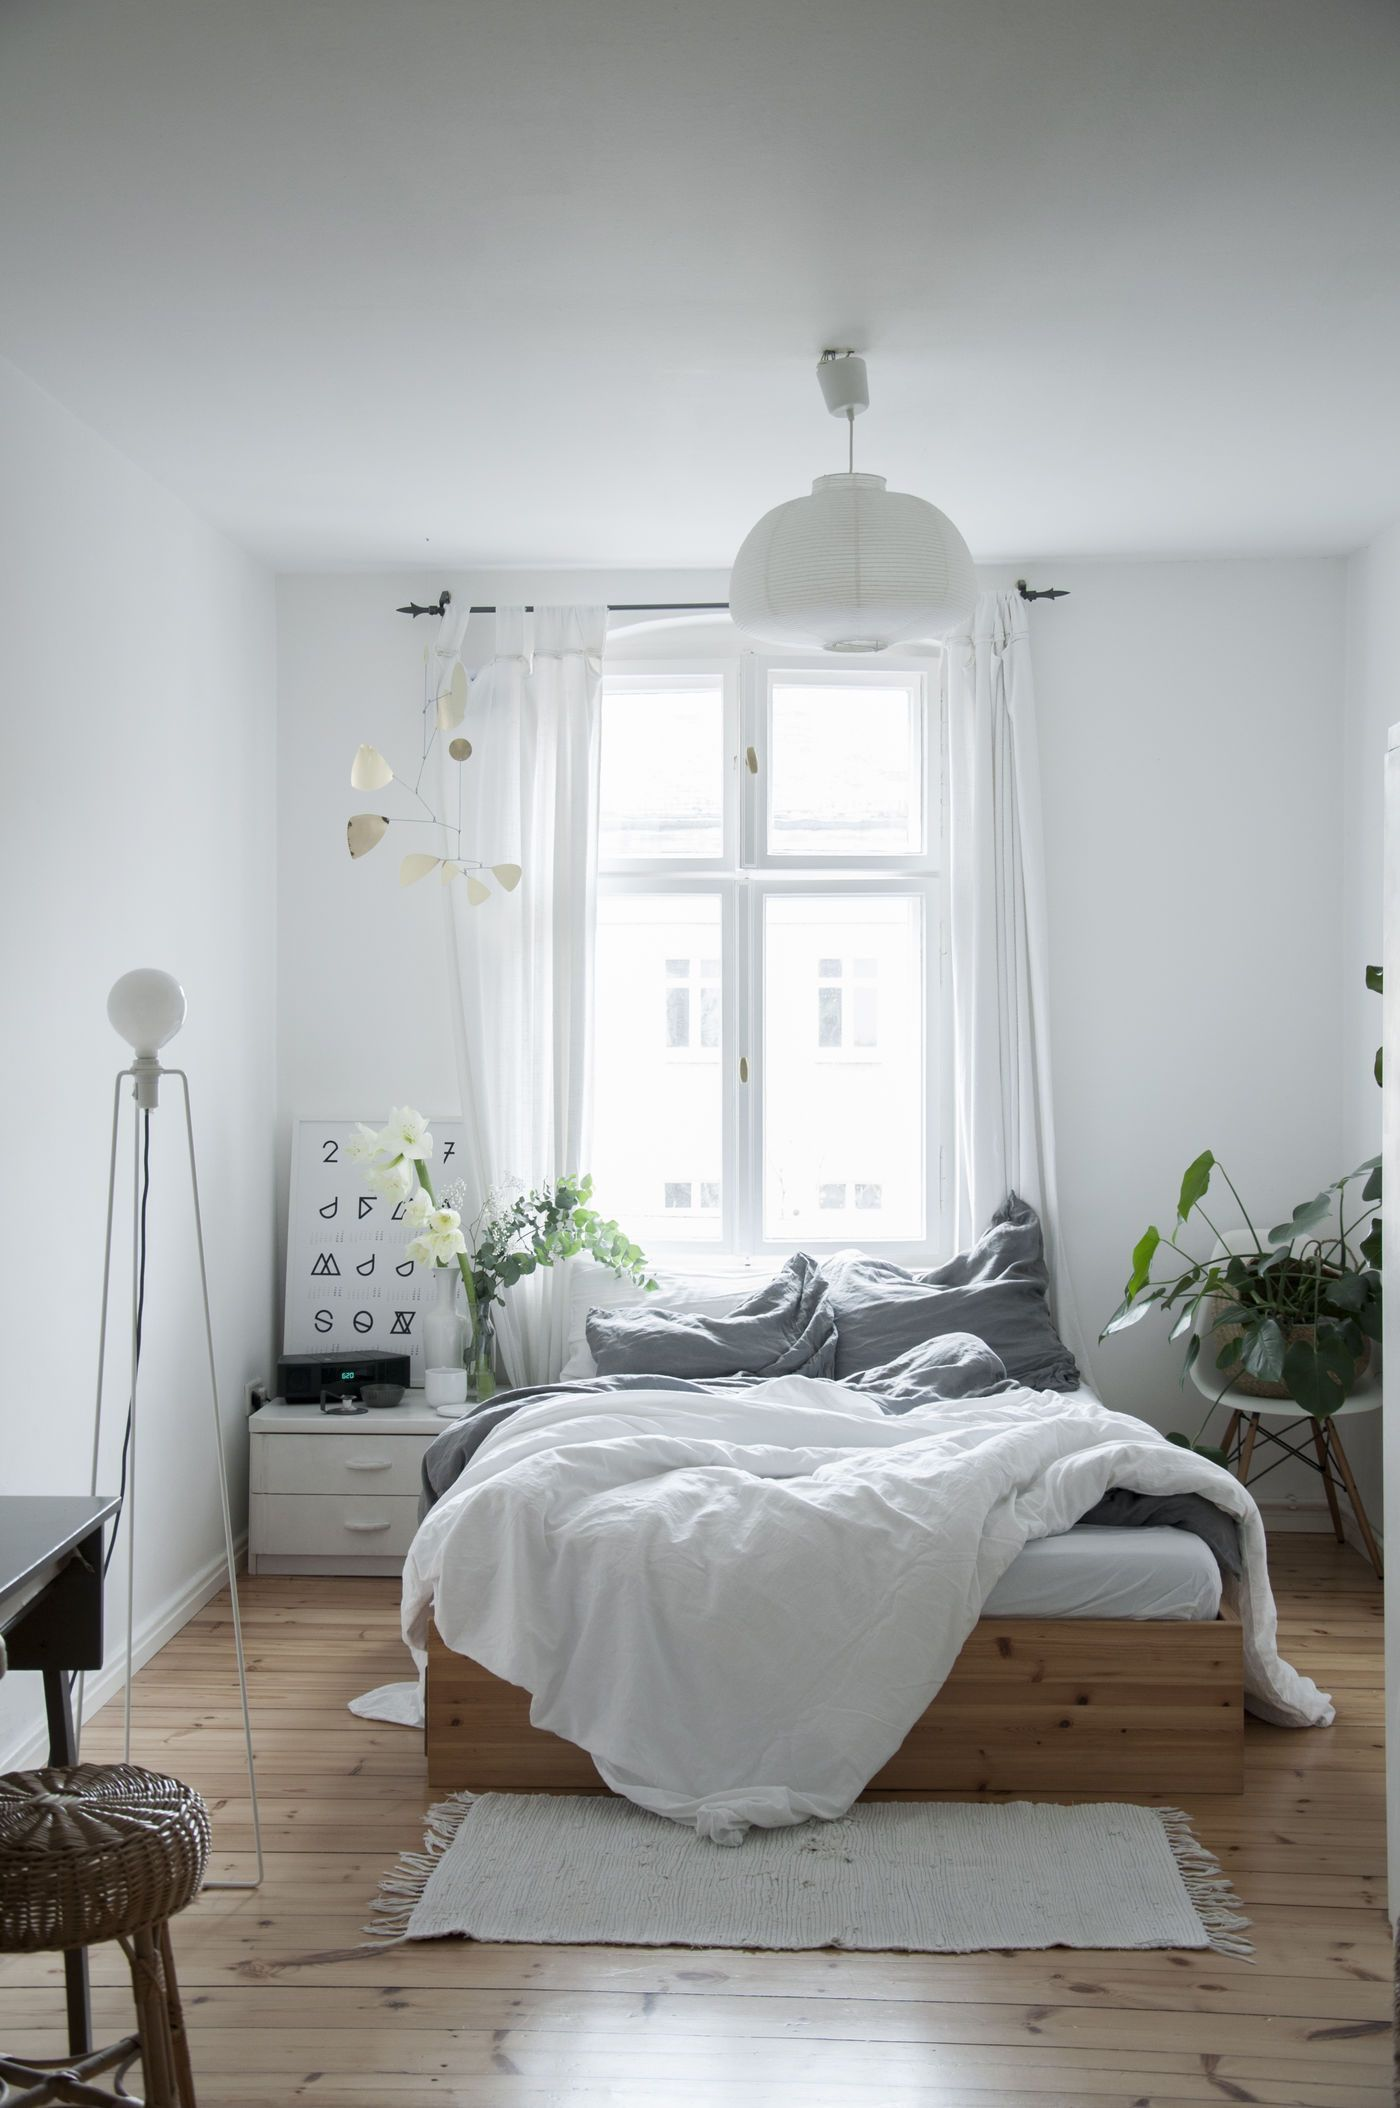 Kleine Schlafzimmer Einrichten Gestalten (With images